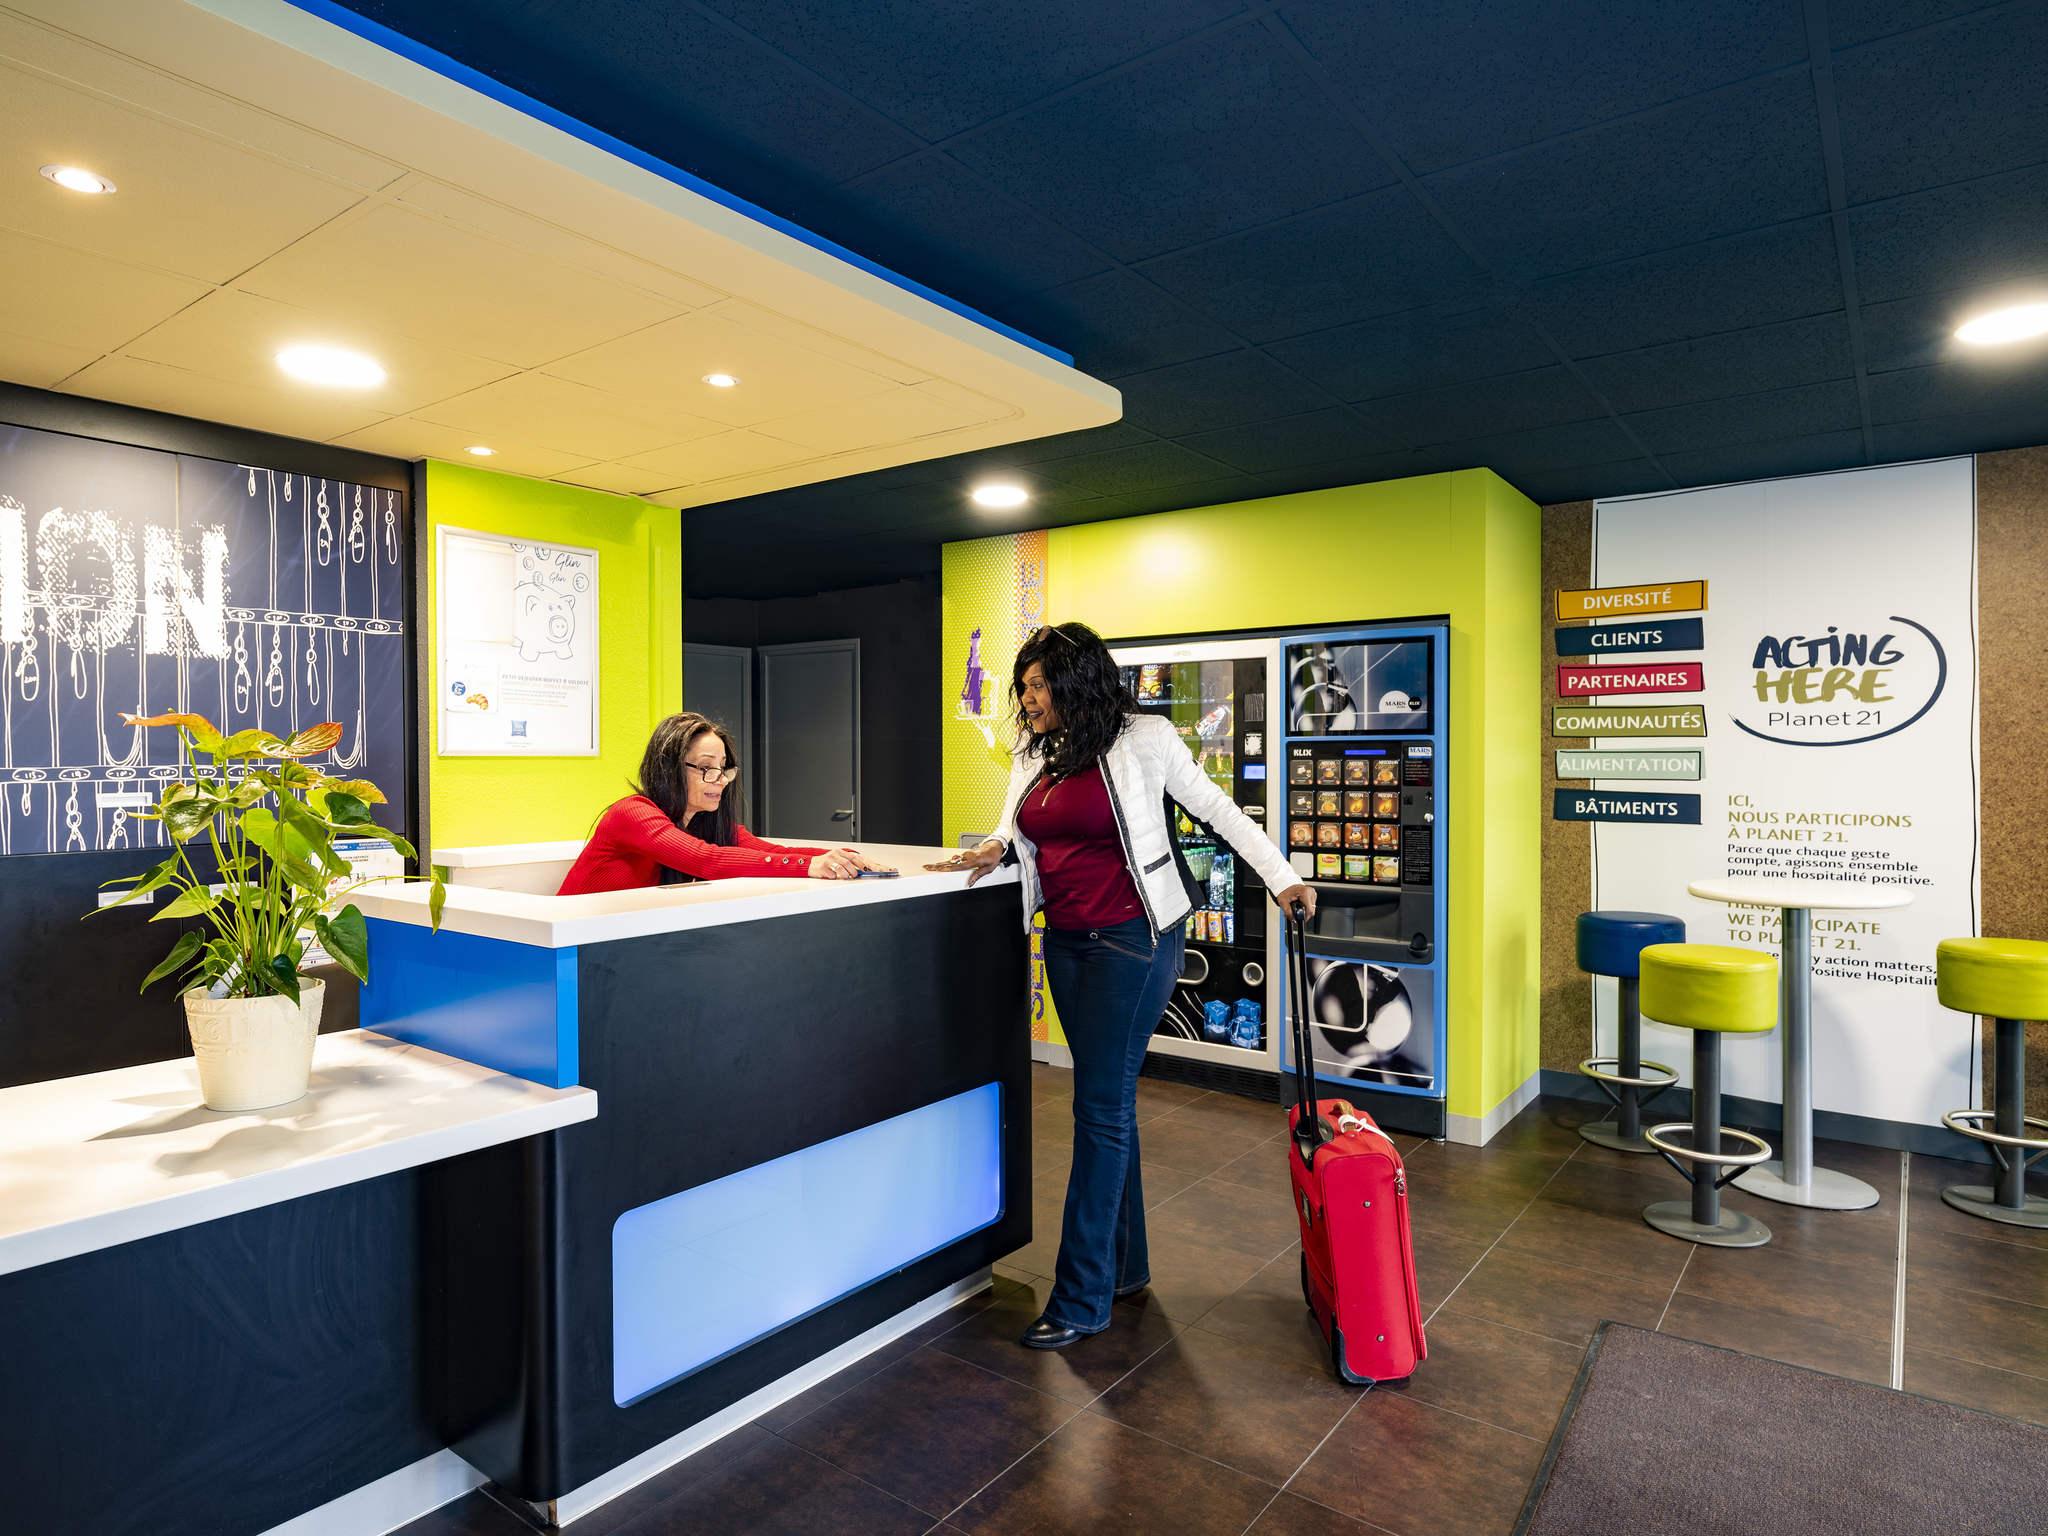 Hotel – ibis budget Vitry-sur-Seine A86 Bords de Seine